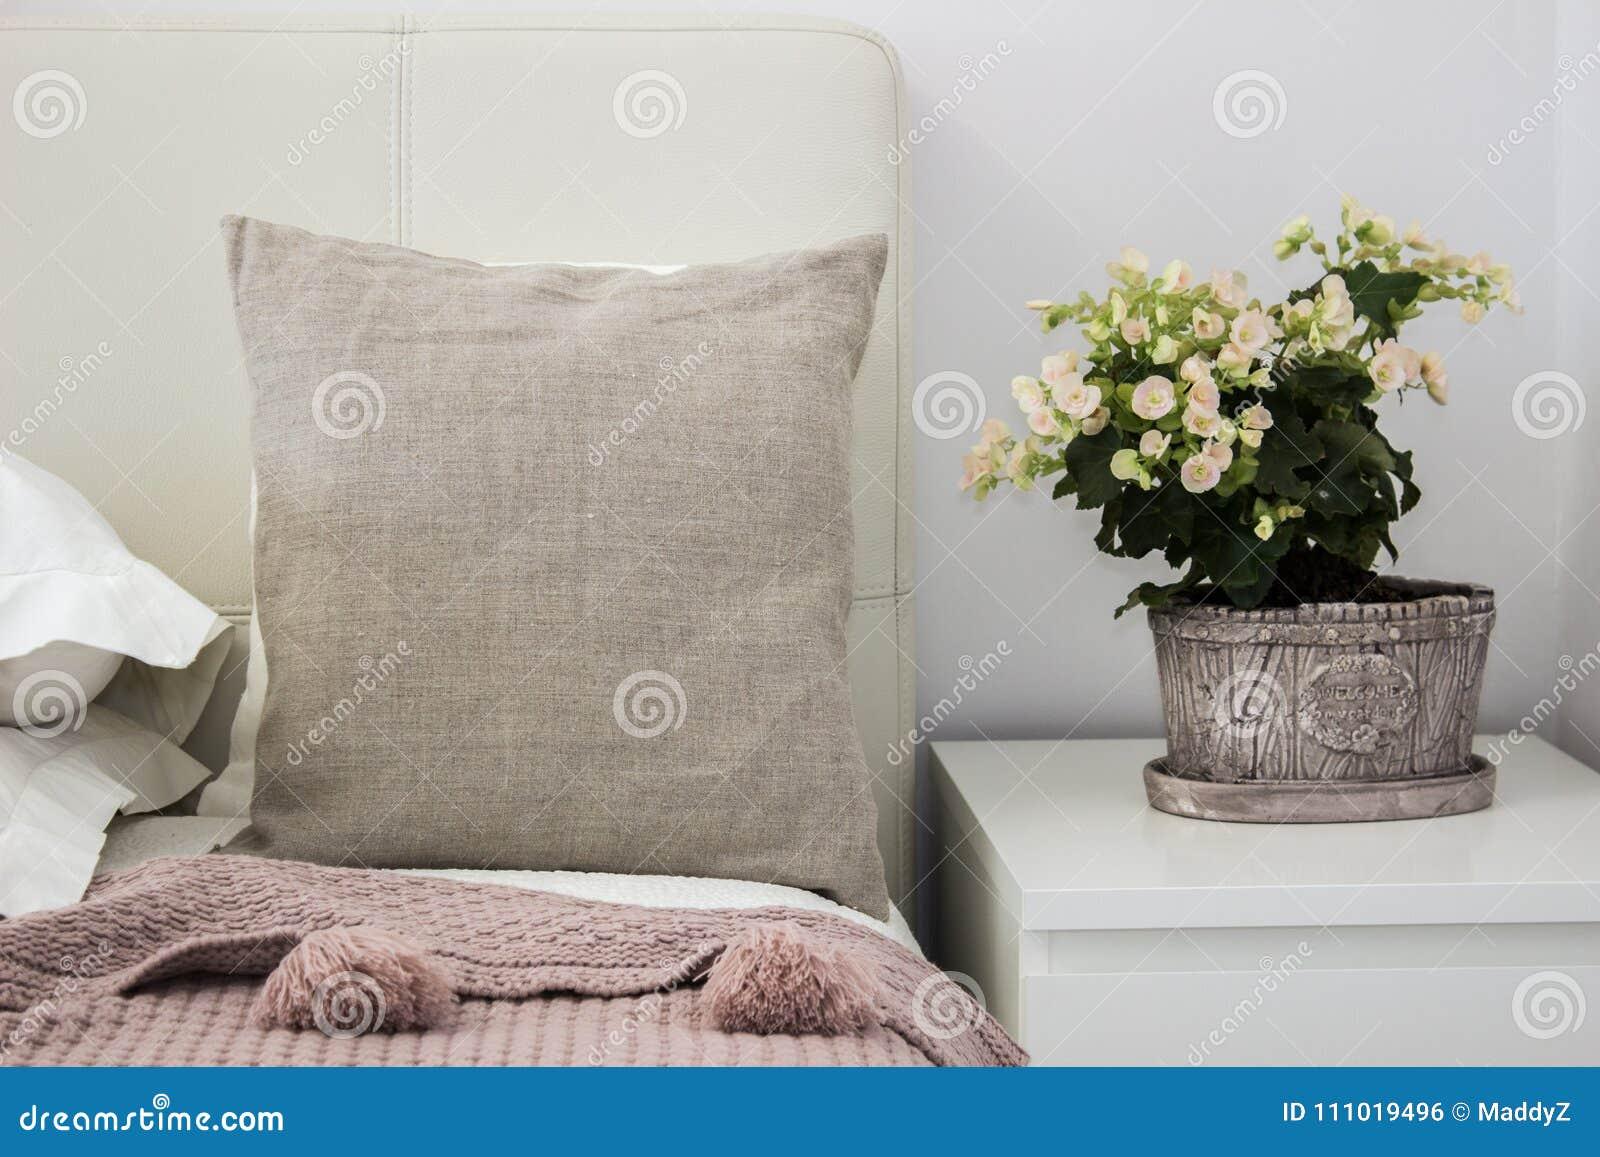 Natürliches Kissen Auf Bett In Einem Gemütlichen Schlafzimmer